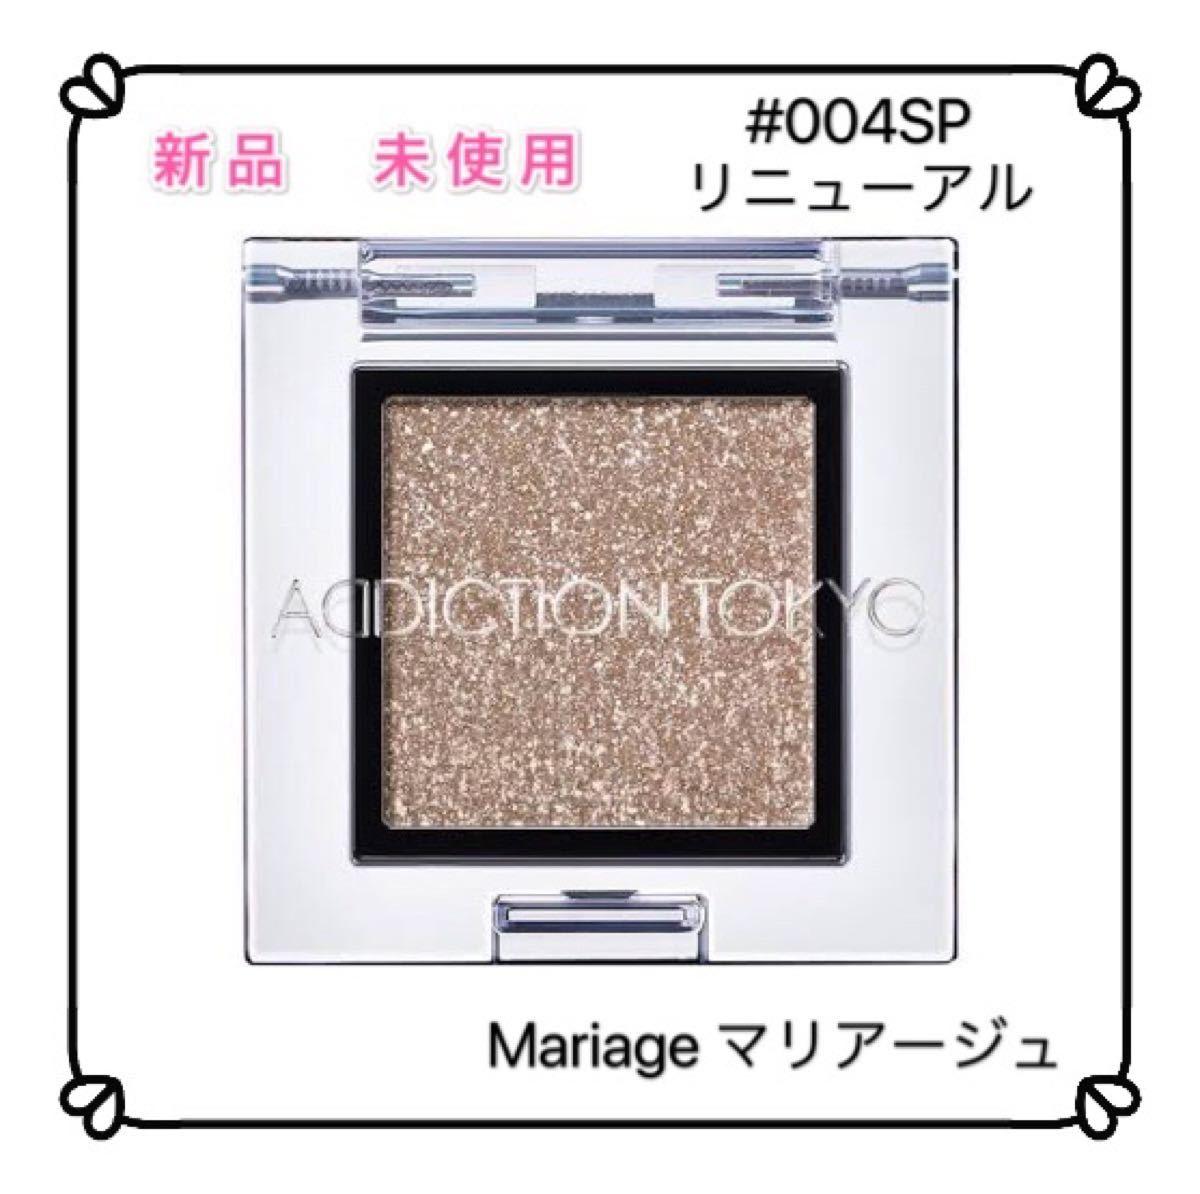 アディクション ザアイシャドウ SP004 Mariage マリアージュ